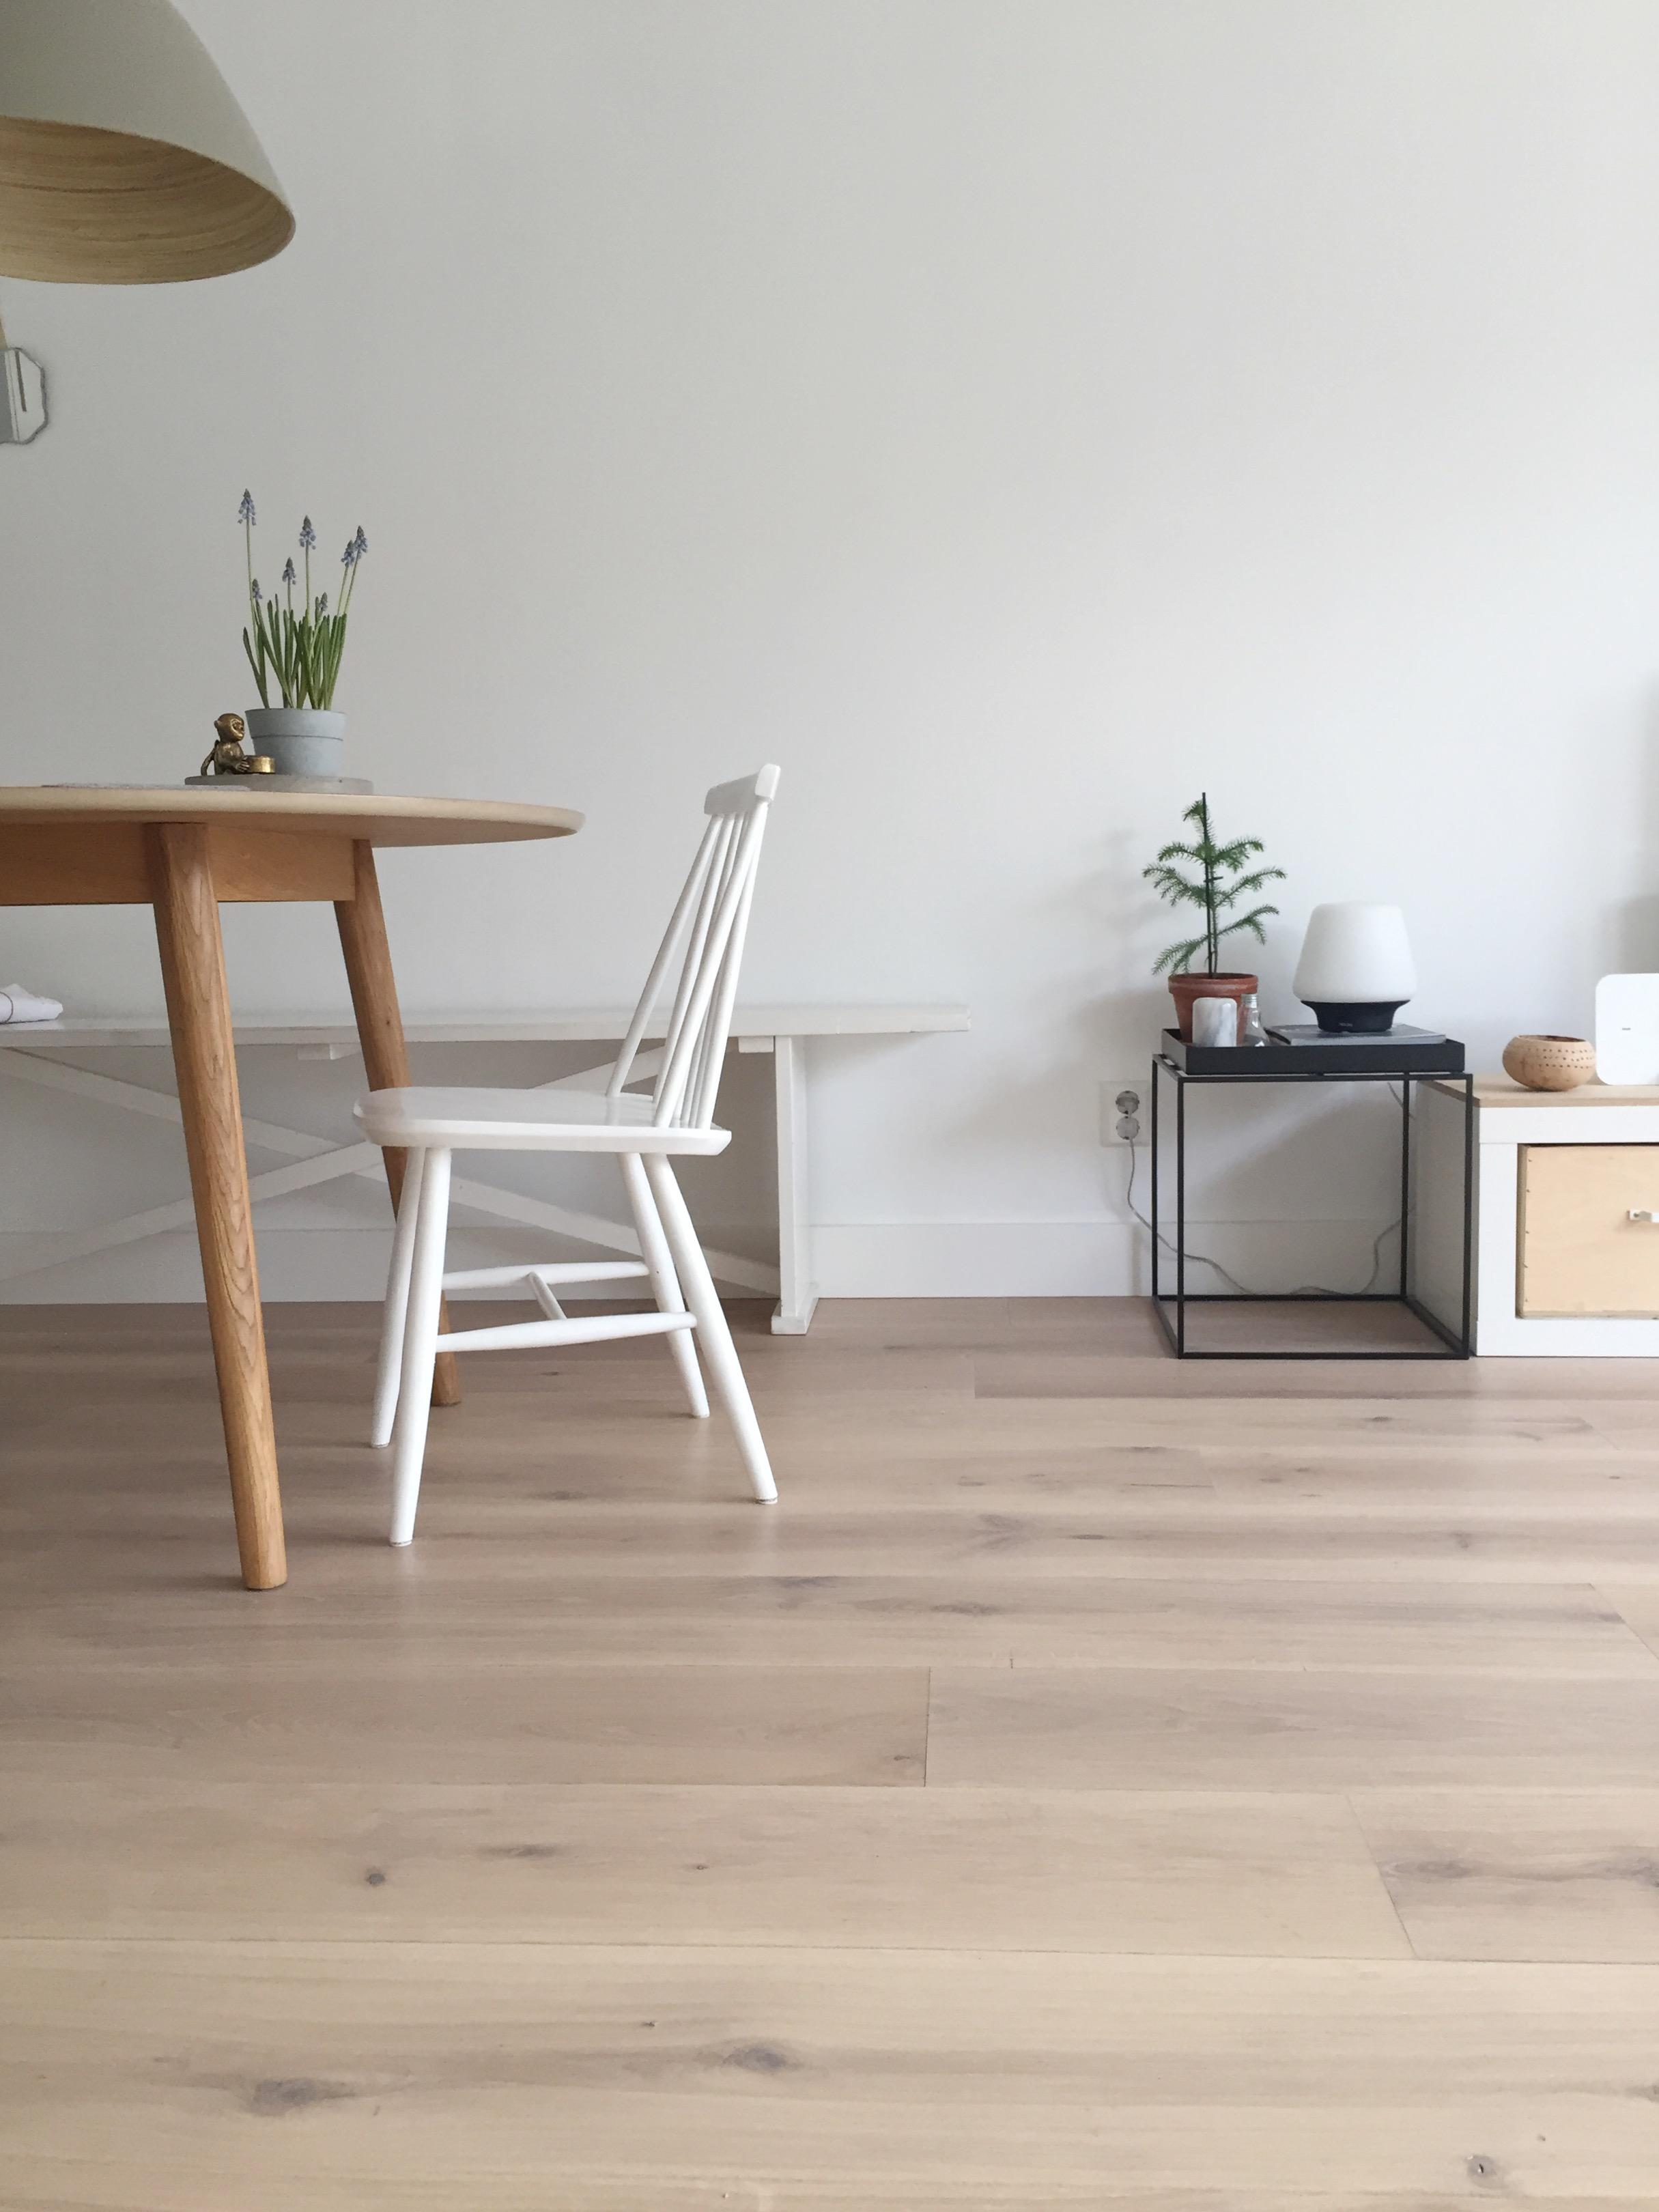 selinesteba.com - Hollandsche Vloeren Scandinavische stijl 4.JPG